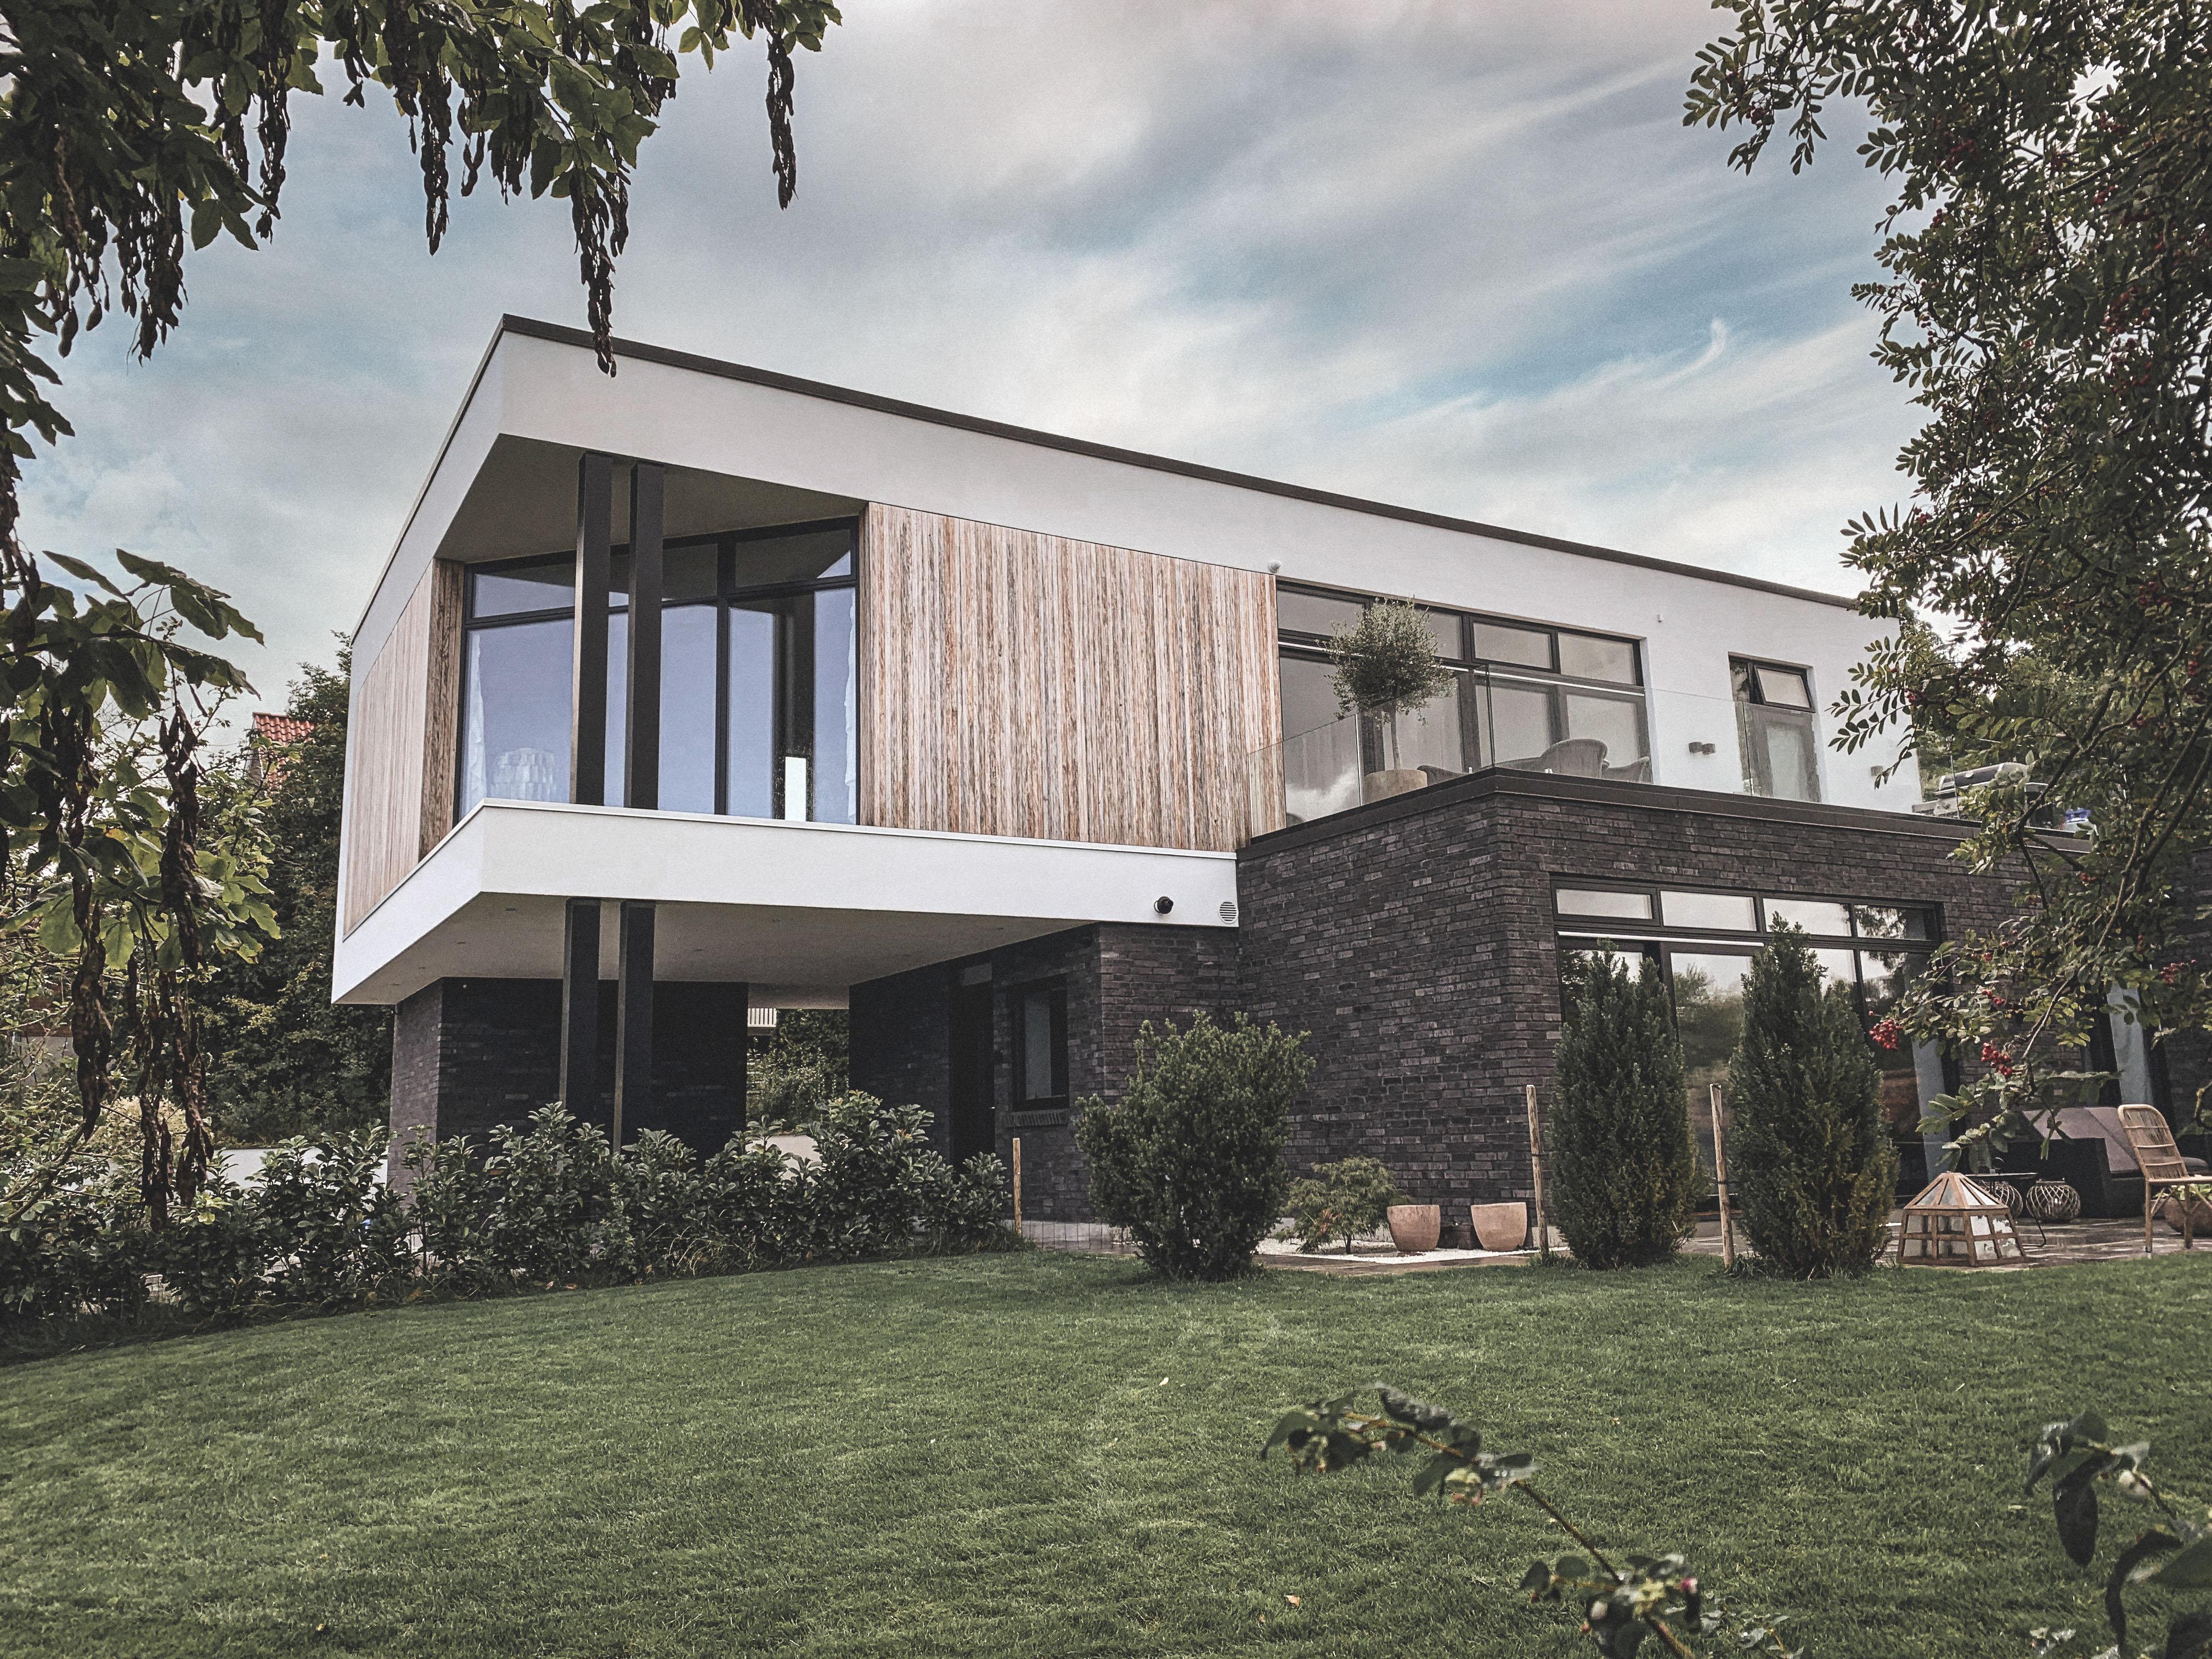 Billede af Dansk arkitekttegnet 2 plans villa af arkitektfirmaet m2plus.